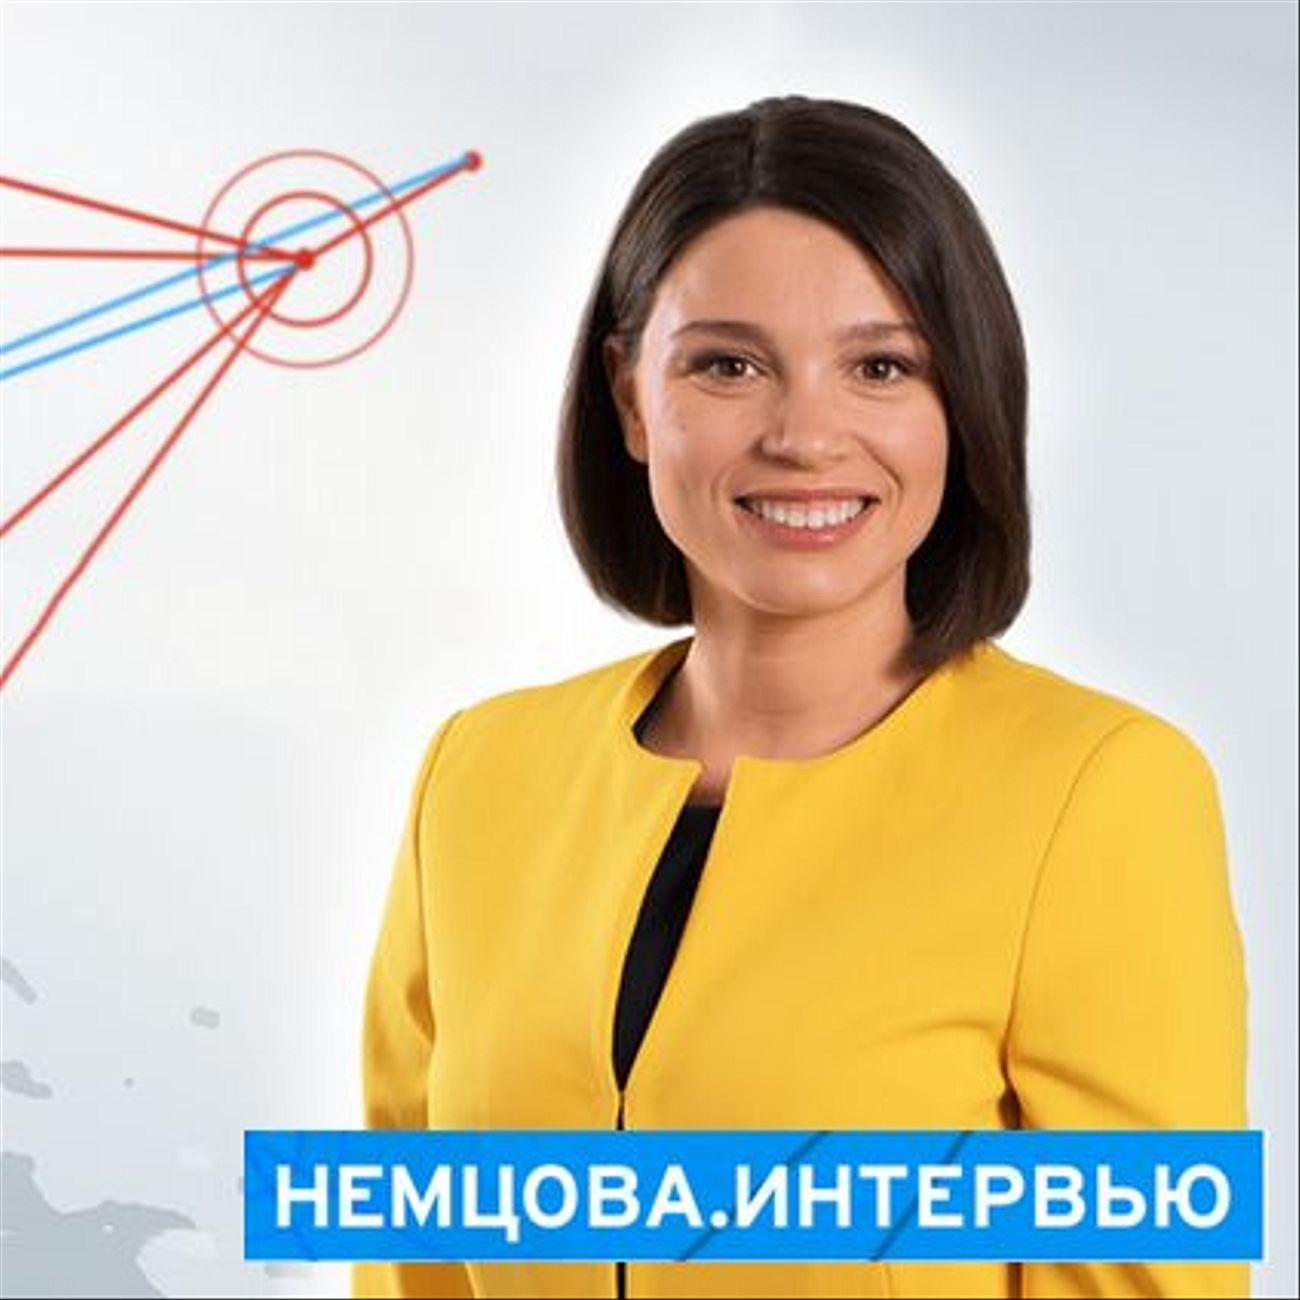 Немцова. Интервью